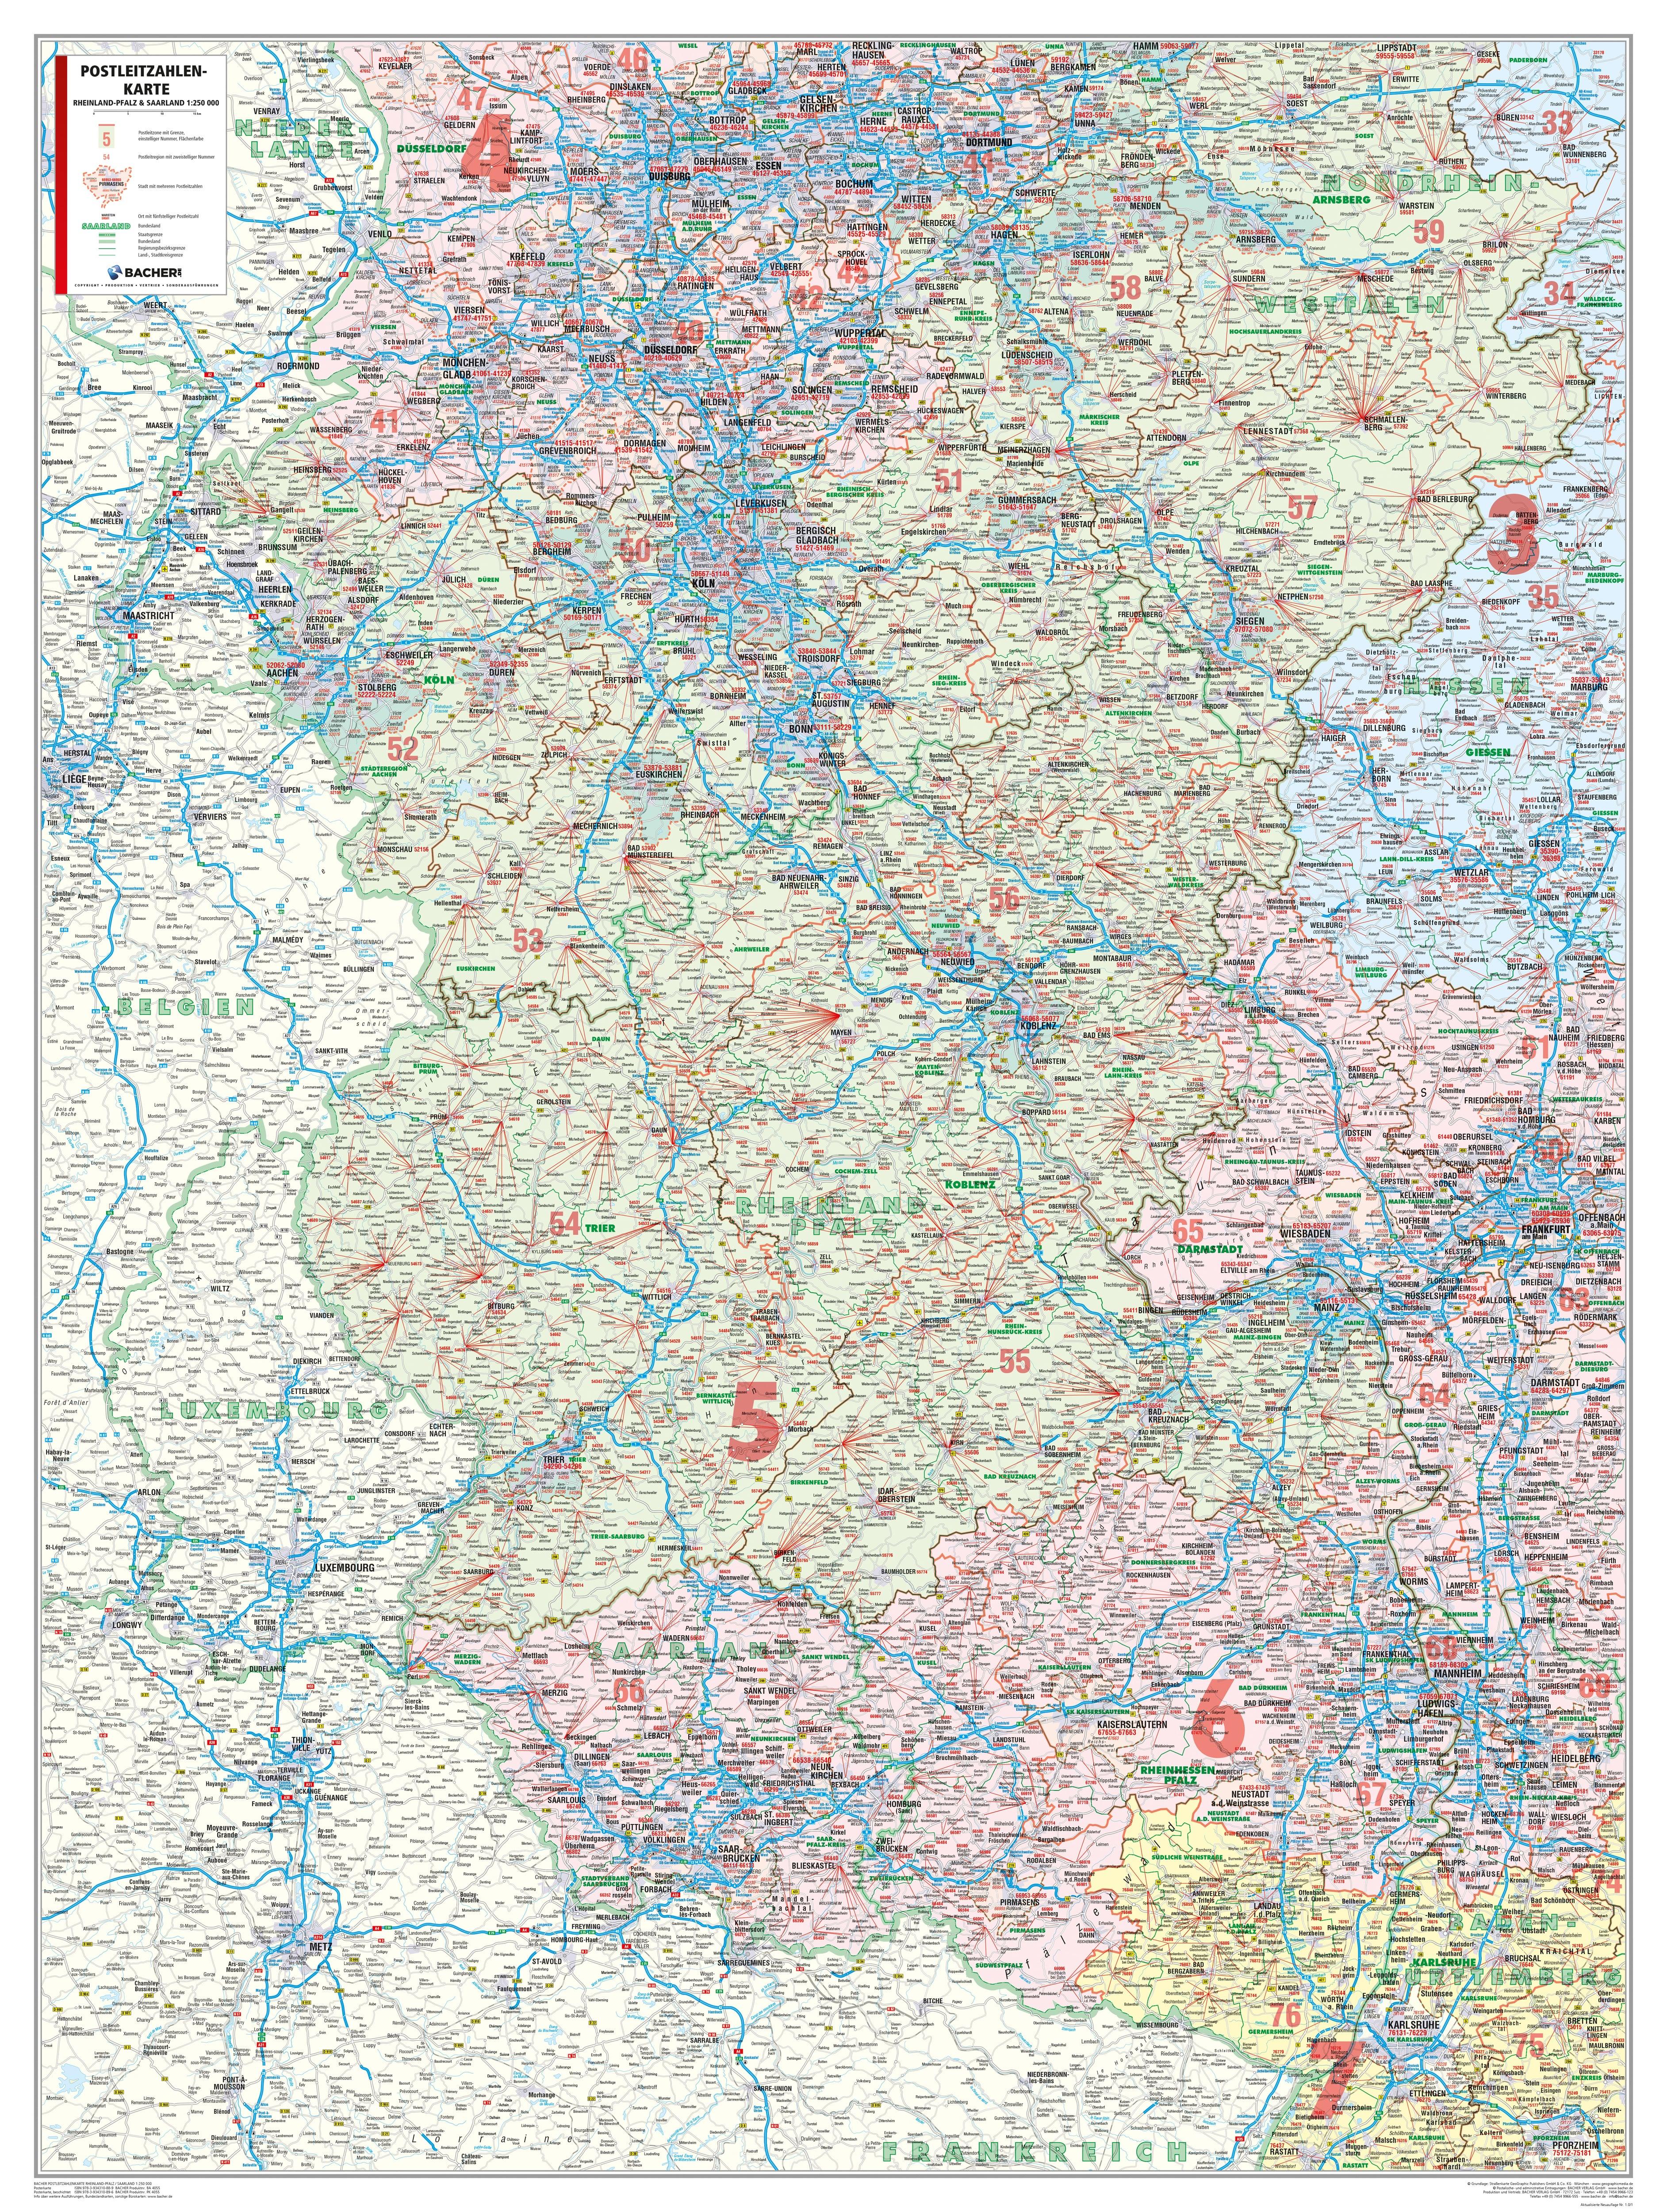 Postleitzahlenkarte Rheinland Pfalz Saarland 98 X 130cm